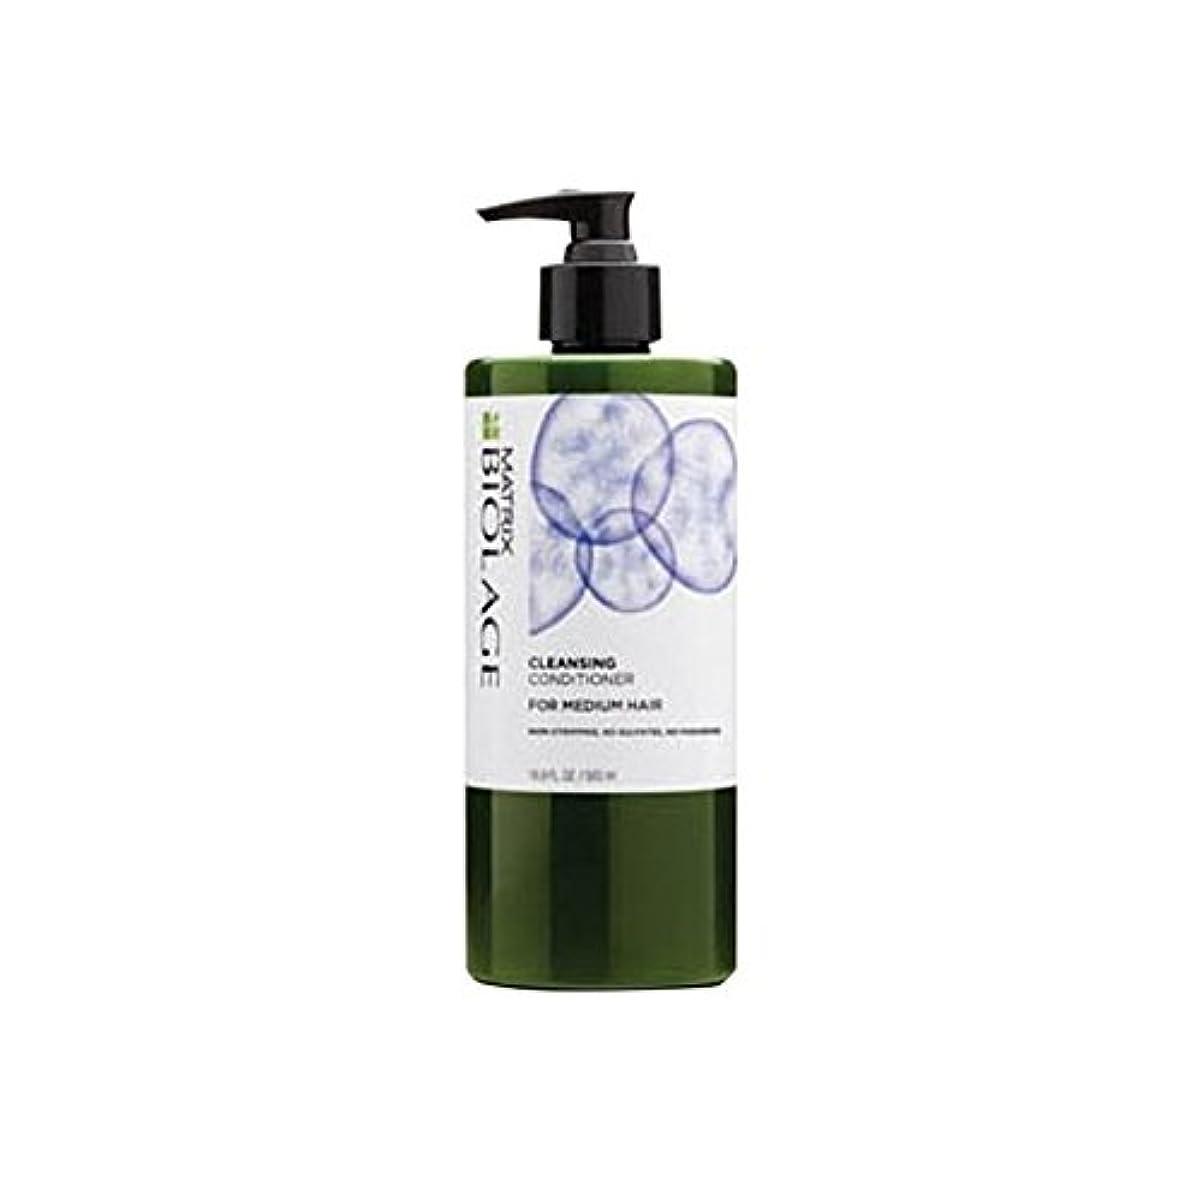 一節すき島Matrix Biolage Cleansing Conditioner - Medium Hair (500ml) - マトリックスバイオレイジクレンジングコンディショナー - メディア髪(500ミリリットル) [並行輸入品]